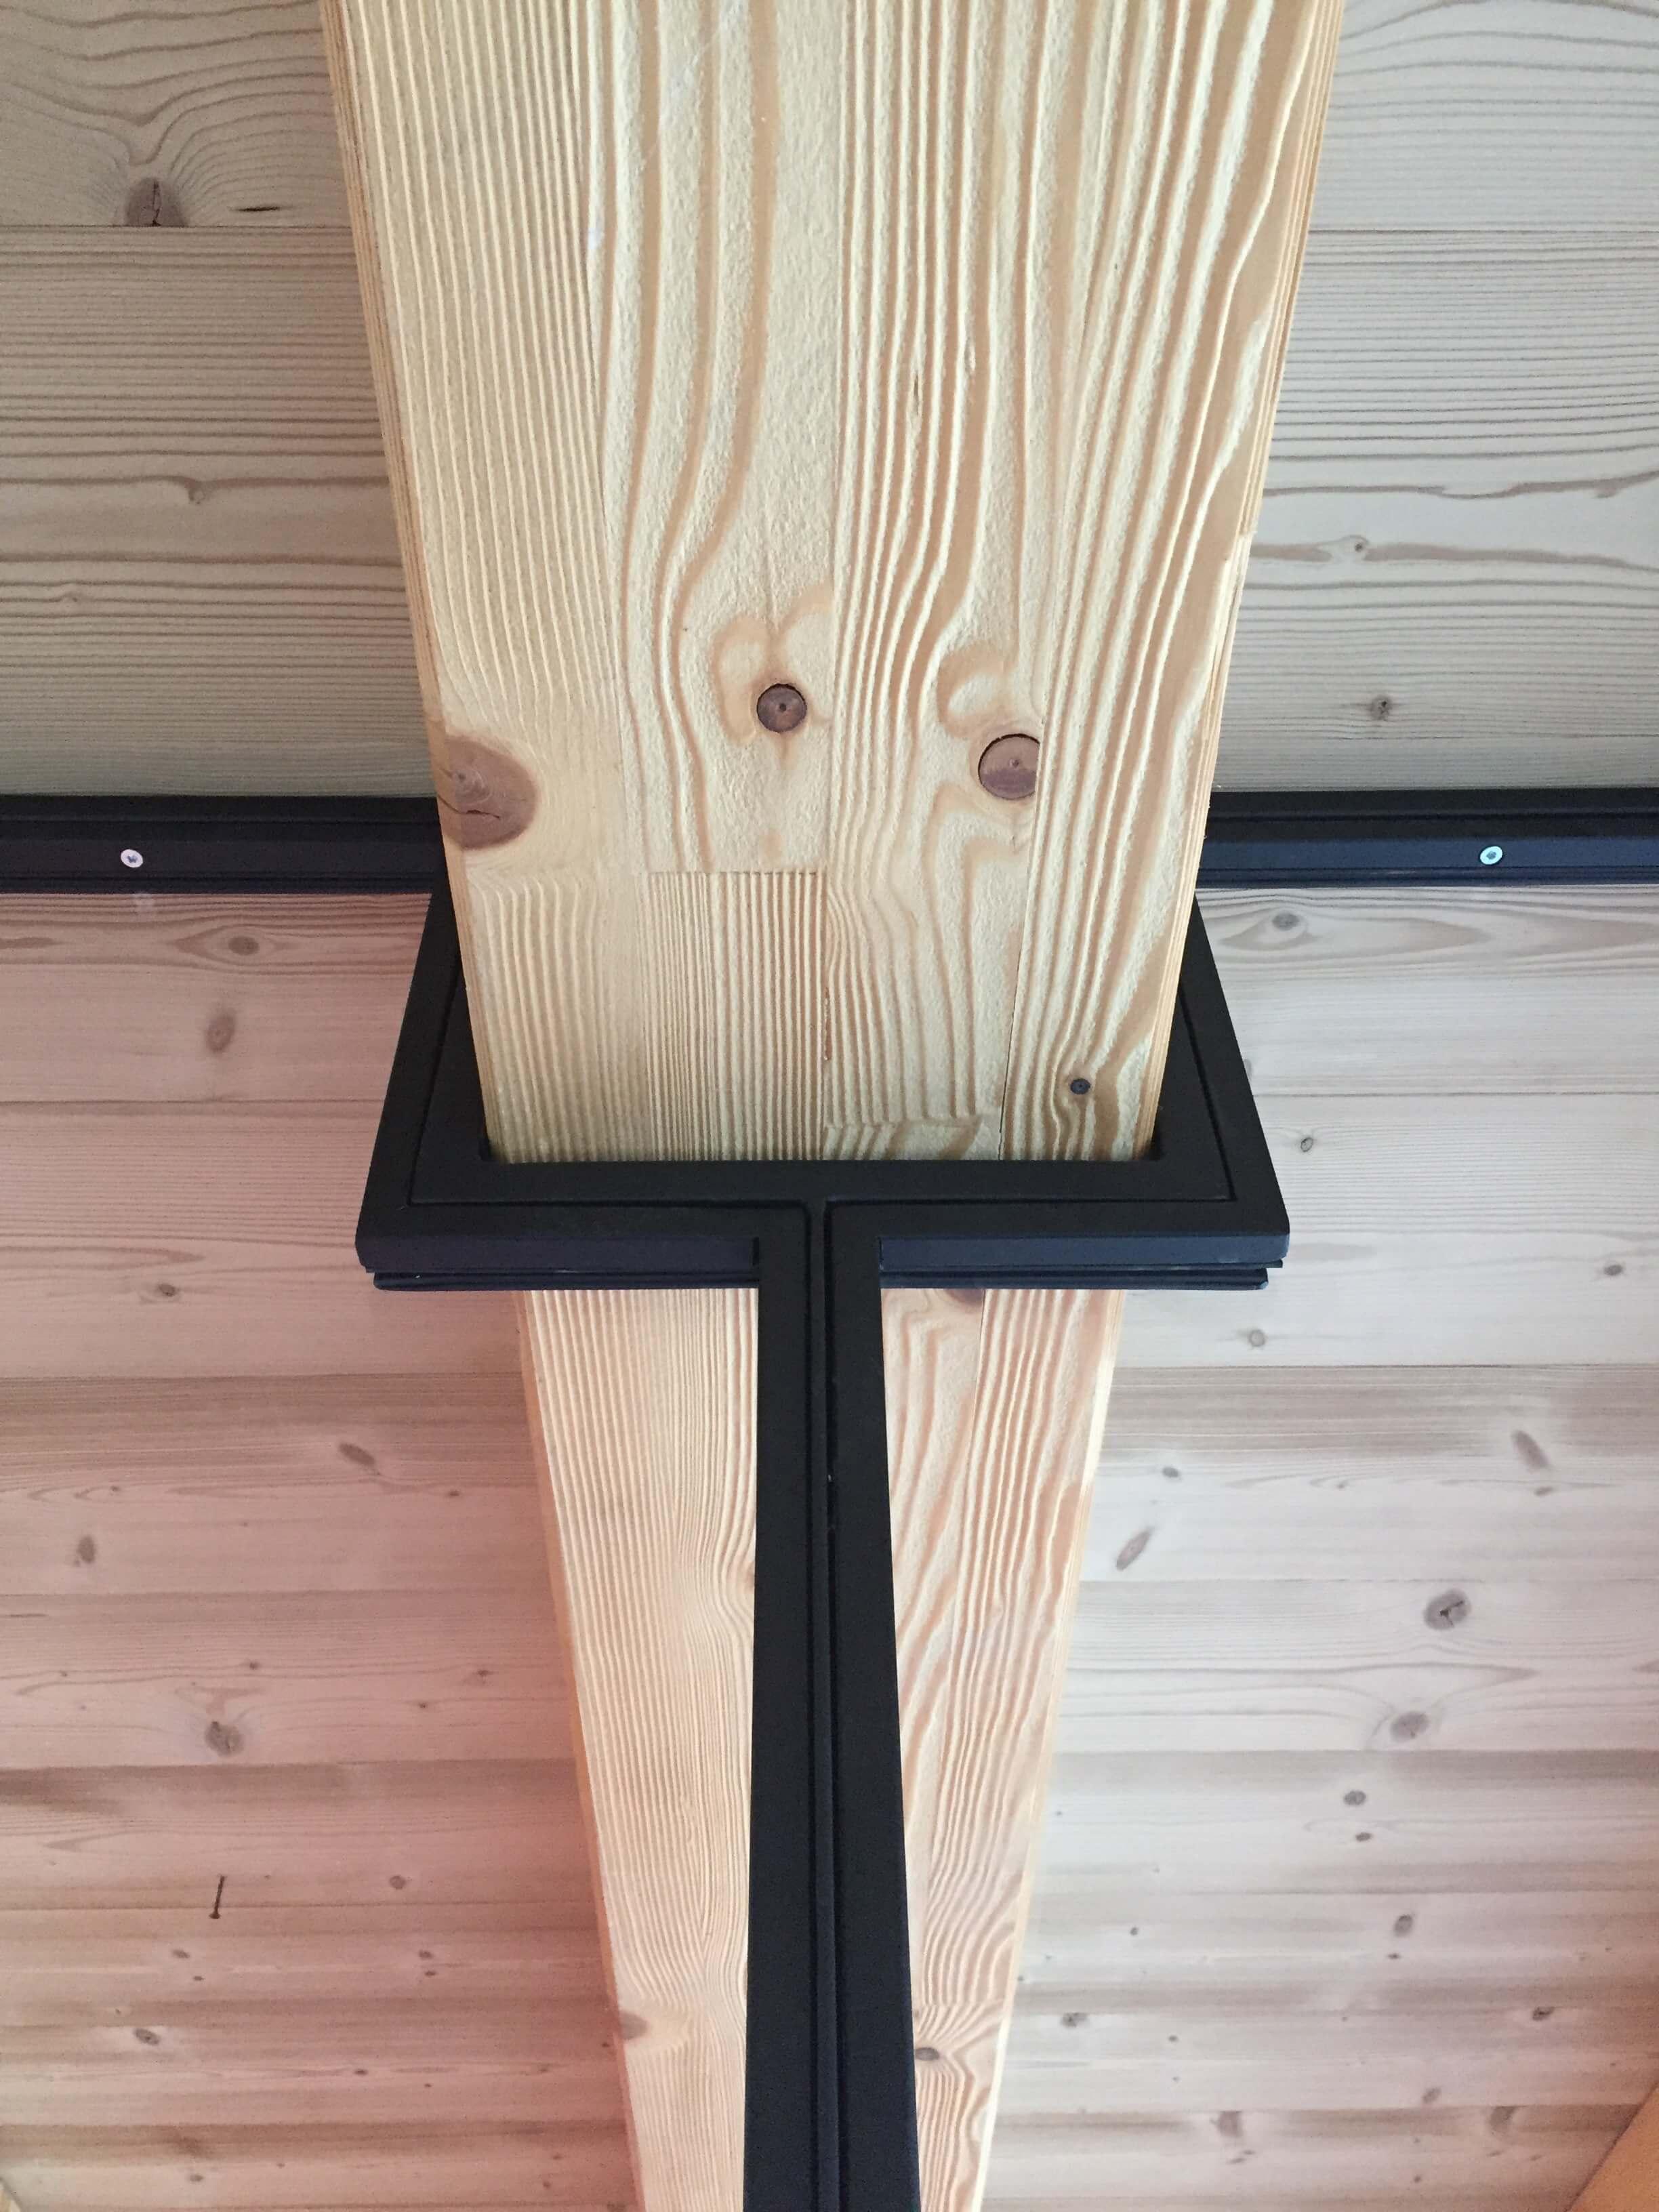 Robi design Métallique Annecy agencement intérieur verrière claustra Tarentaise 736